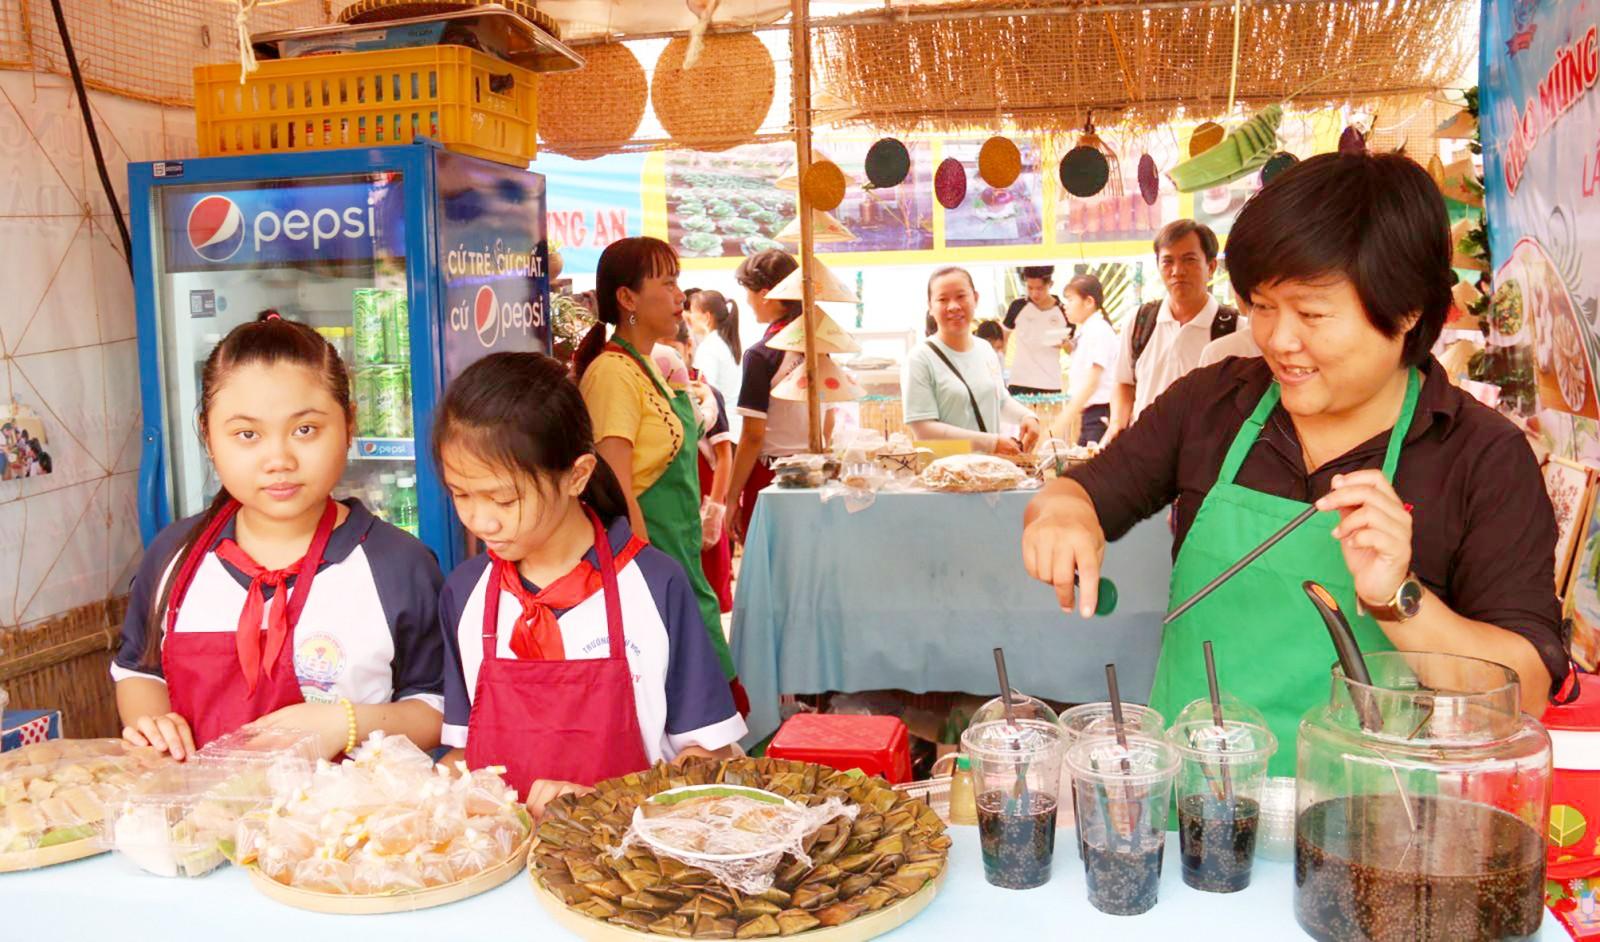 Lễ hội năm nay có sự tham gia của nhiều trường học trên địa bàn thành phố. Các em học sinh trải nghiệm làm bánh, bán bánh, giao tiếp với du khách... nhằm tăng cường kỹ năng sống.